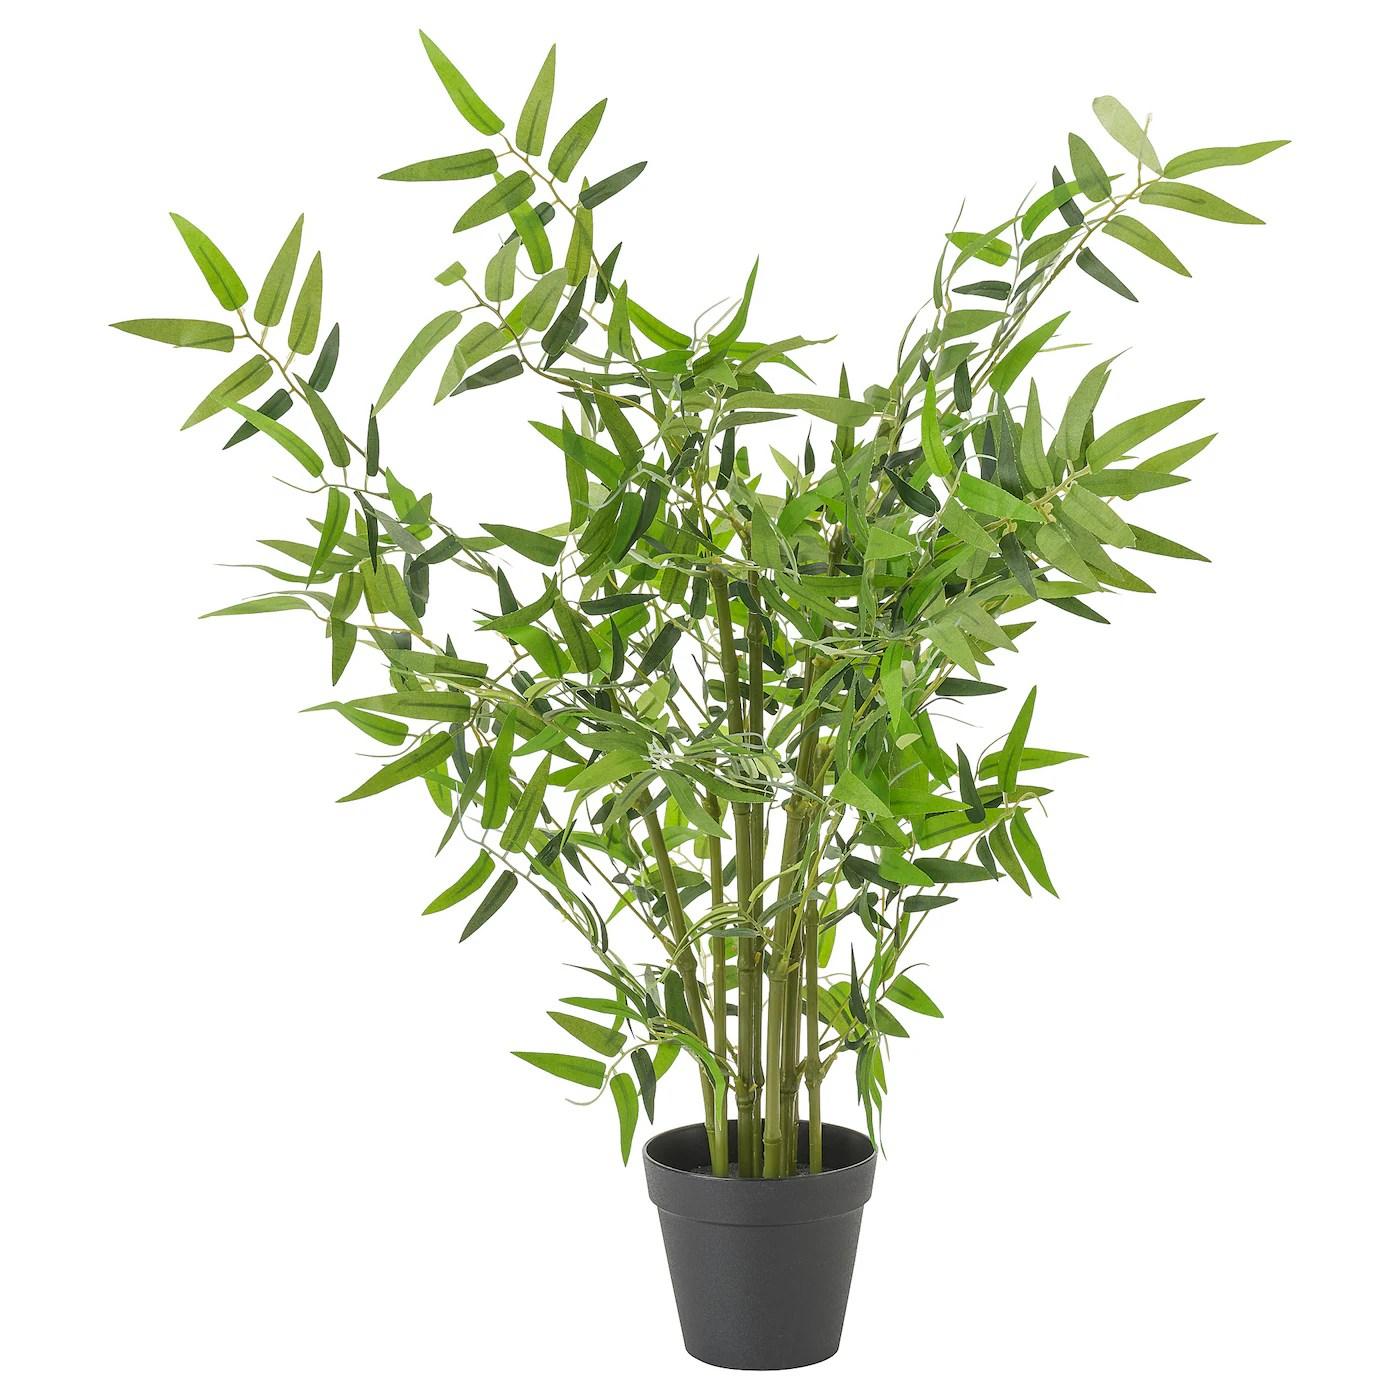 Fejka Plante Artificielle En Pot Interieur Exterieur Bambou 12 Cm Ikea